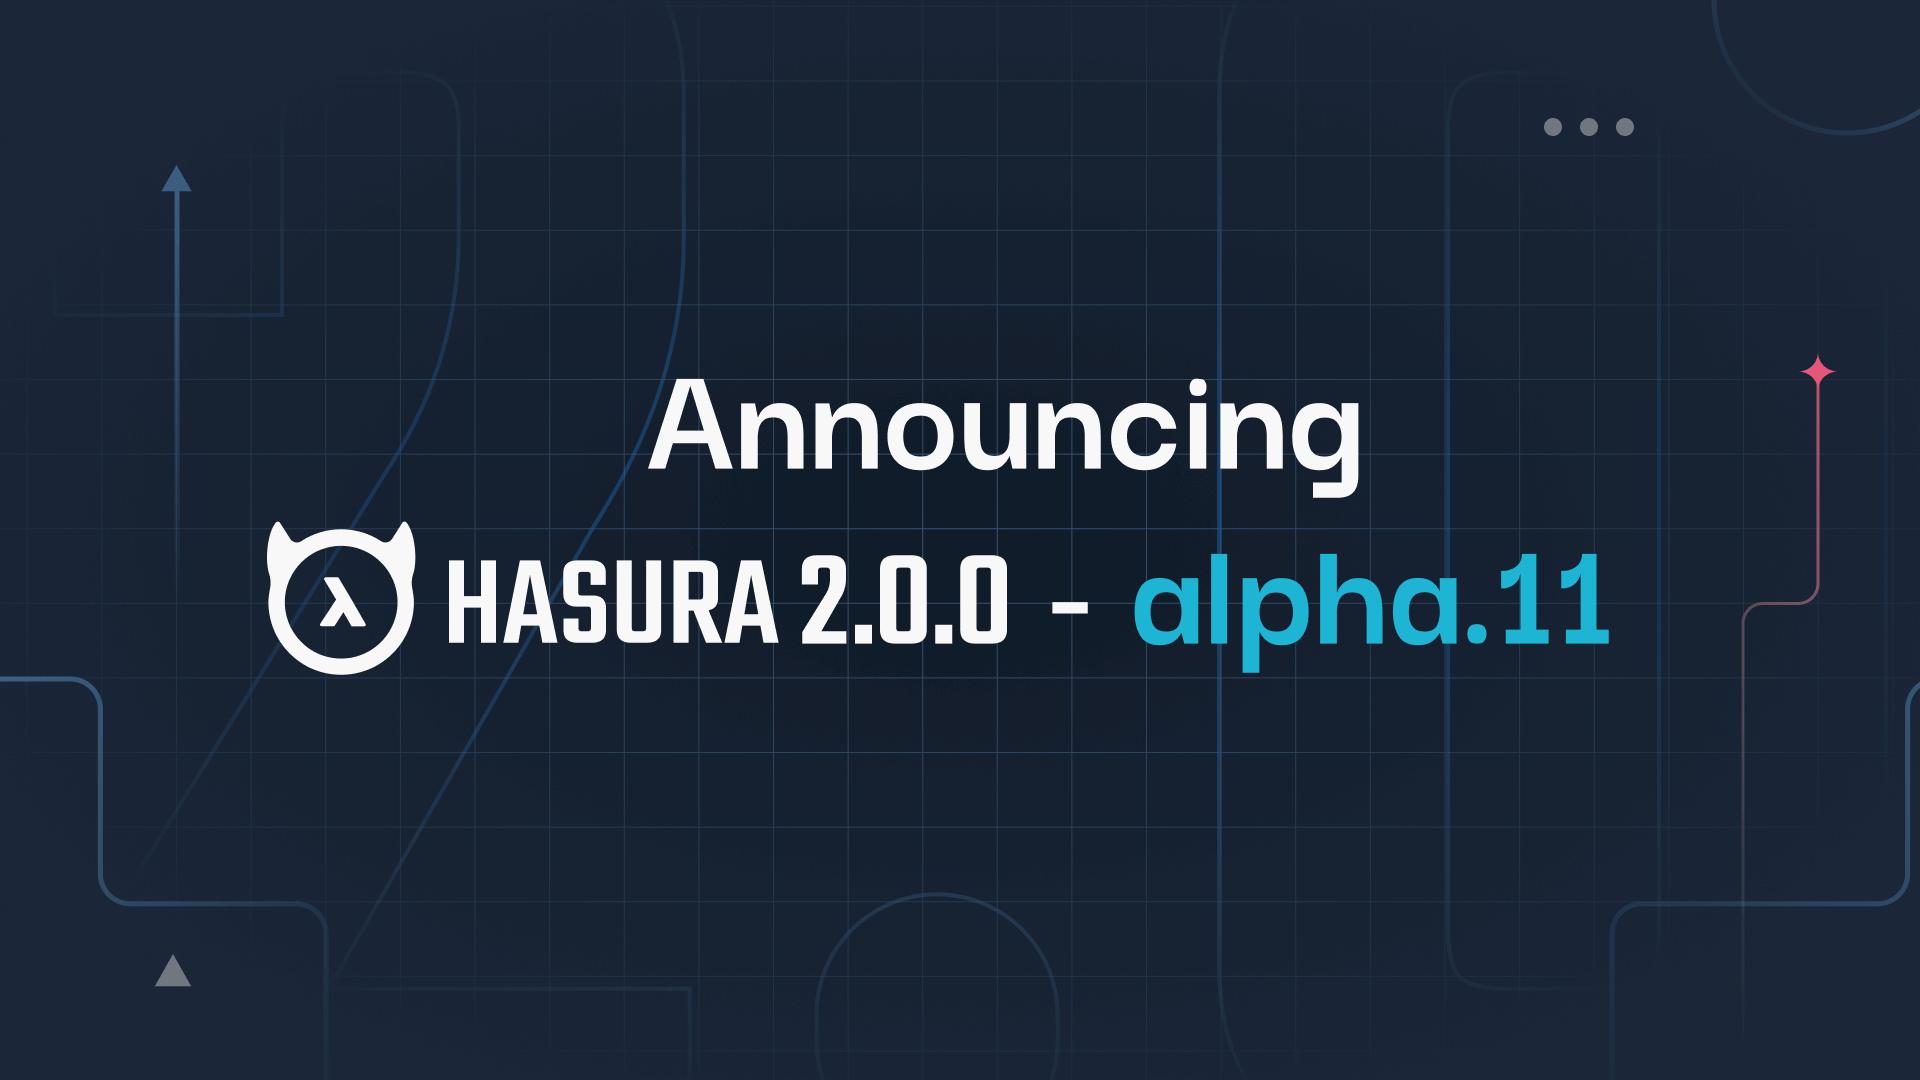 Announcing Hasura 2.0.0-alpha.11